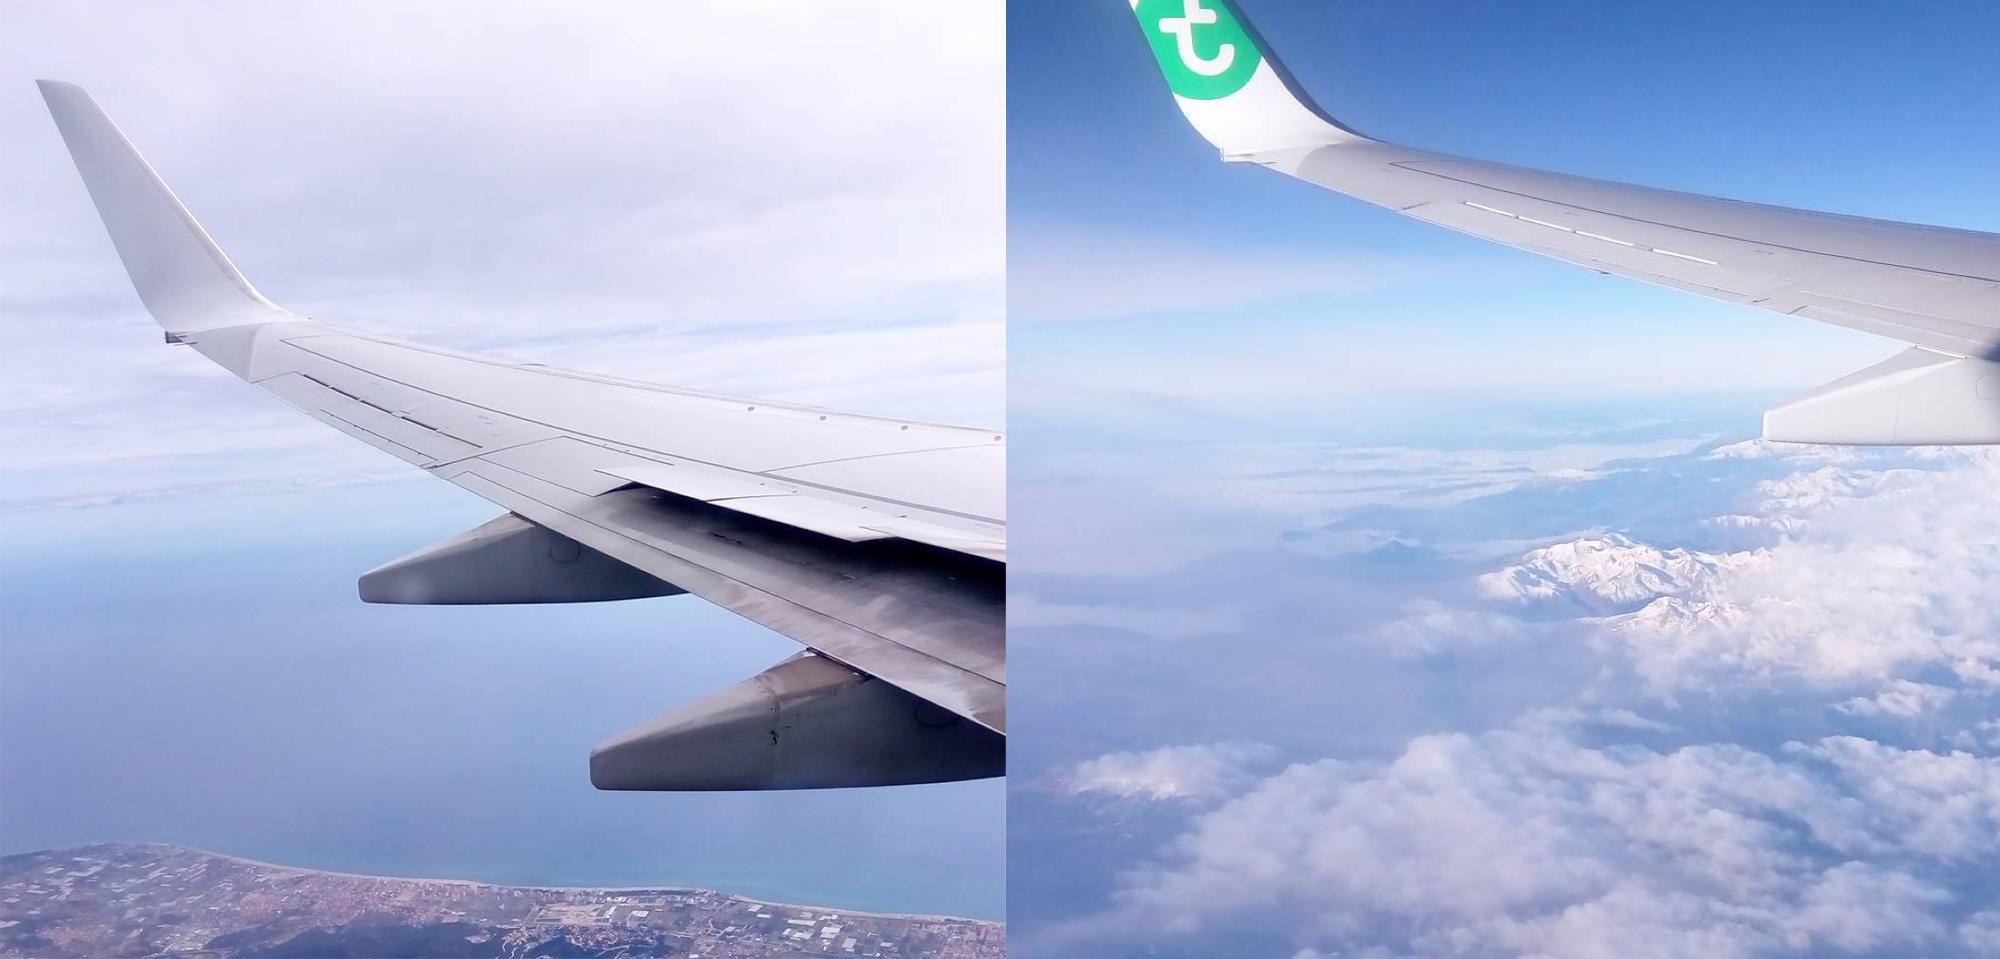 prendre l'avion pour aller à Barcelone